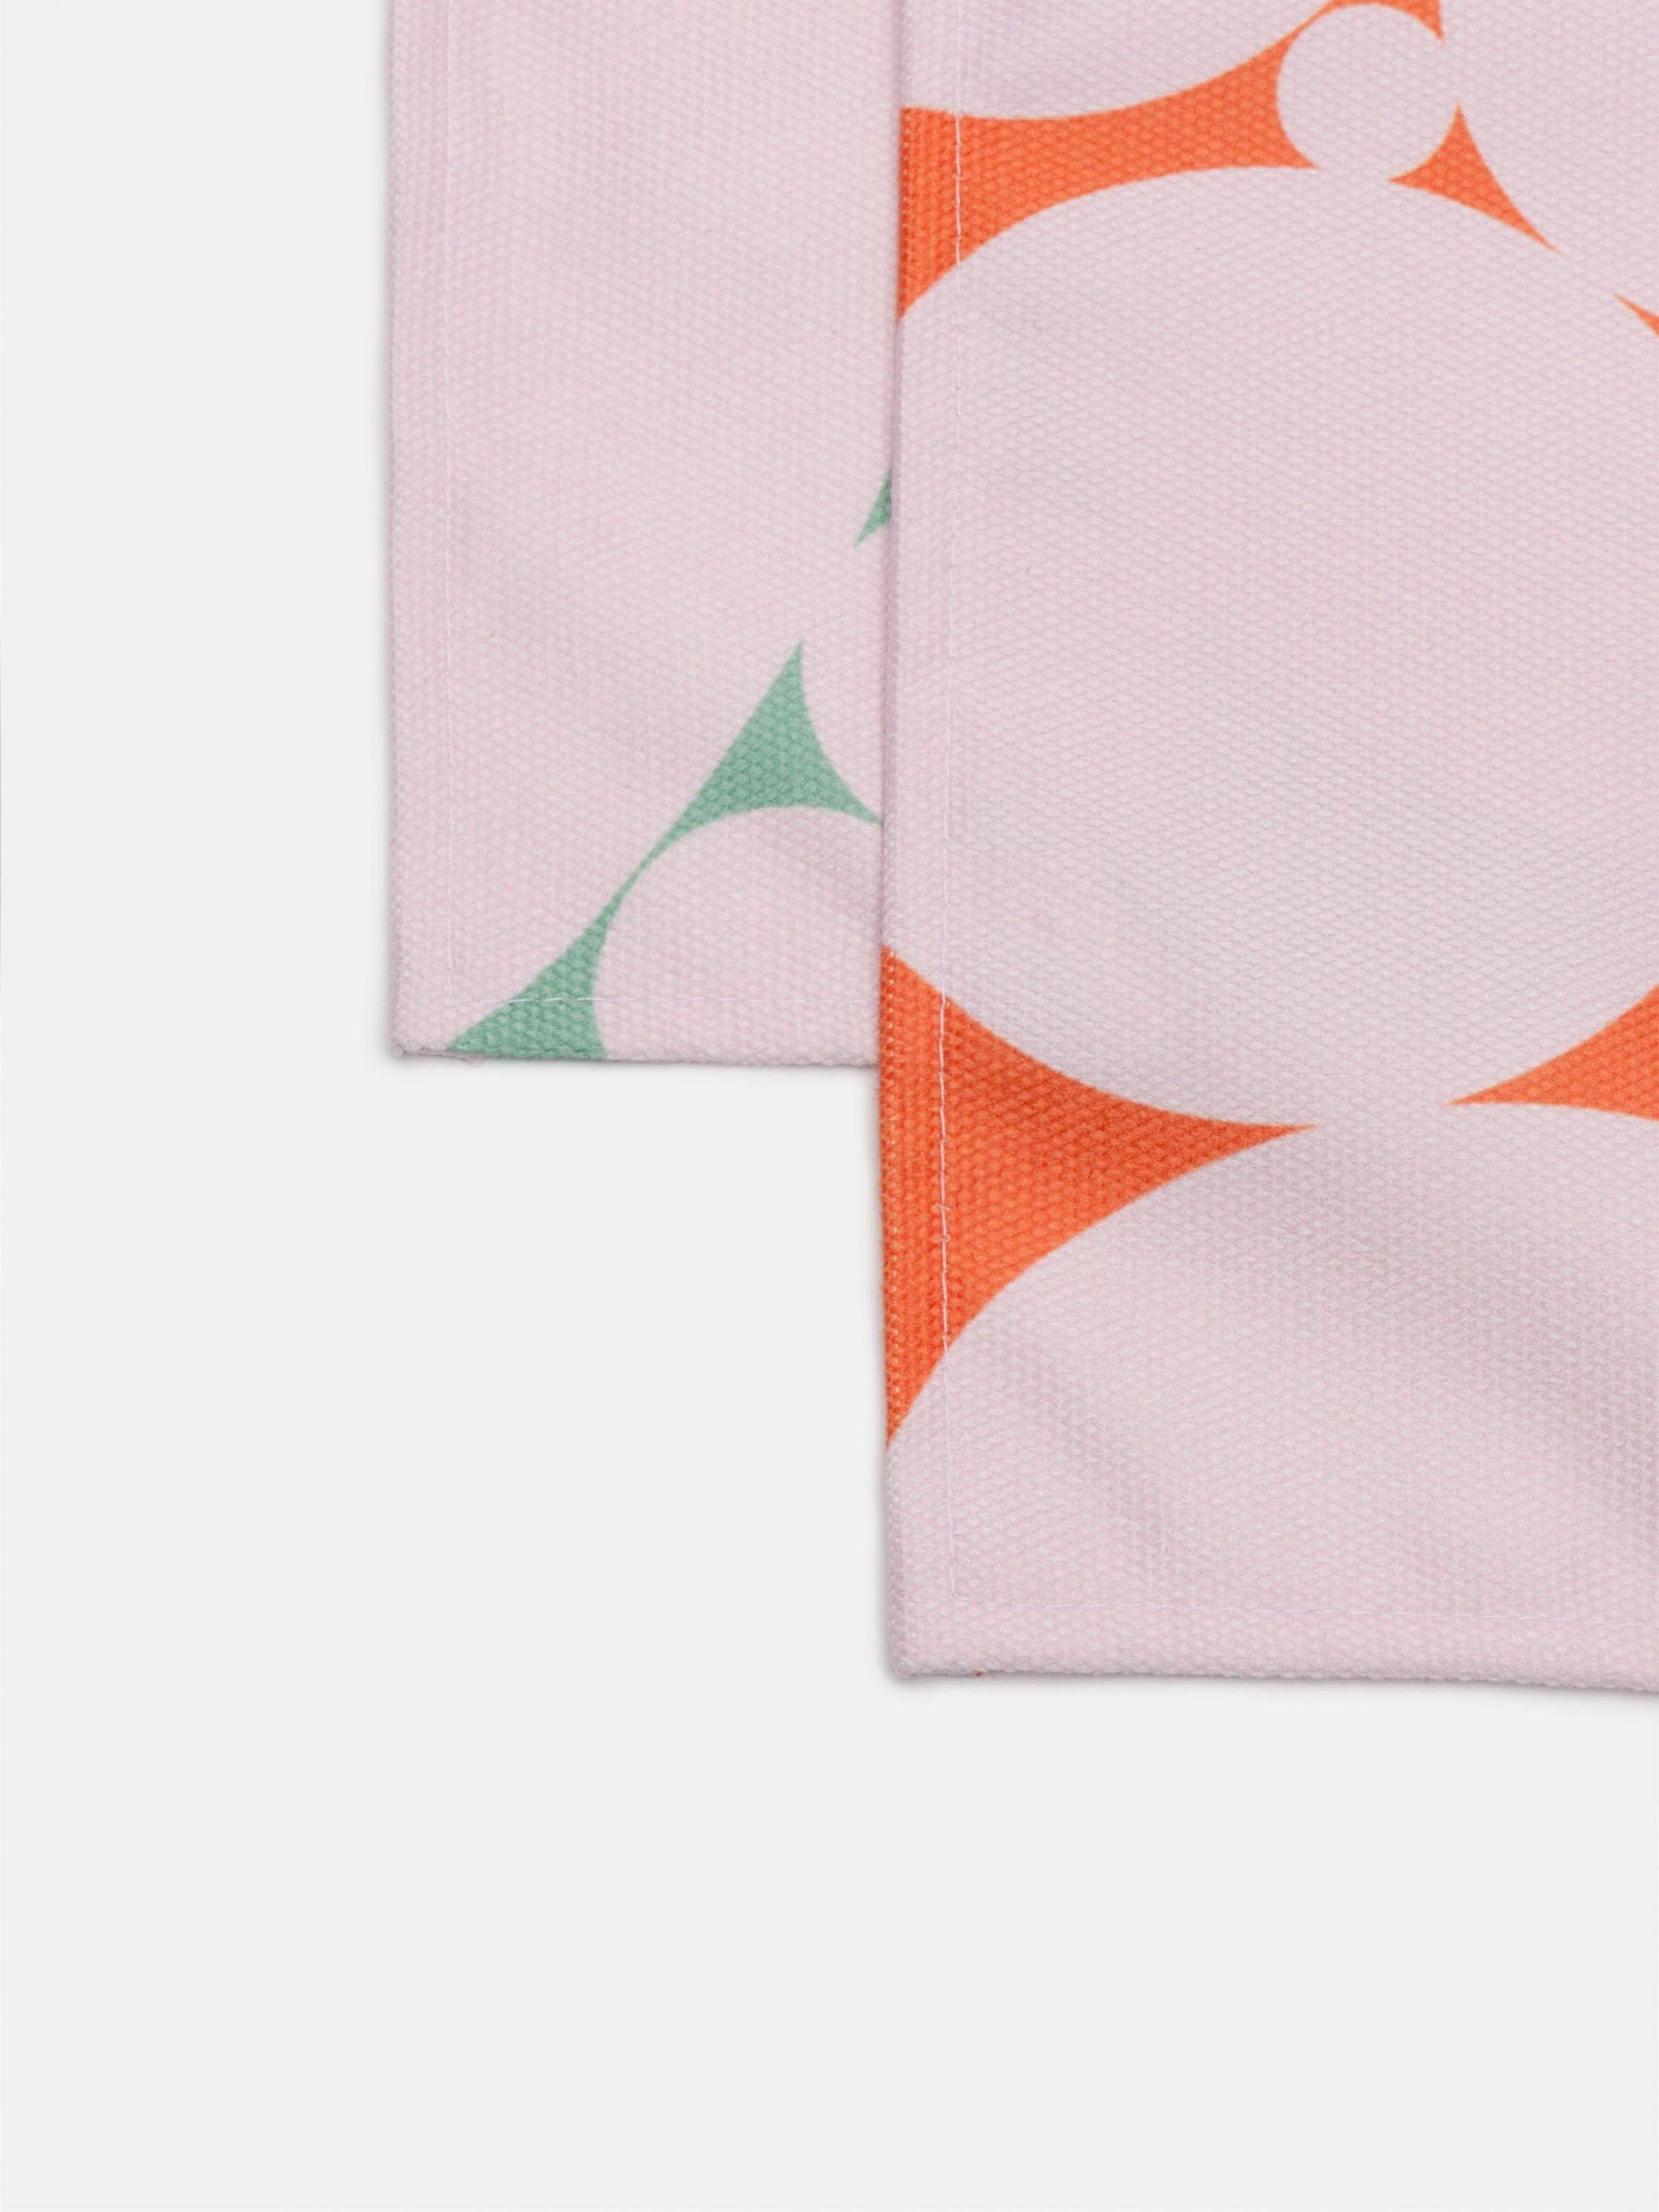 Détails du set de table tissu personnalisé